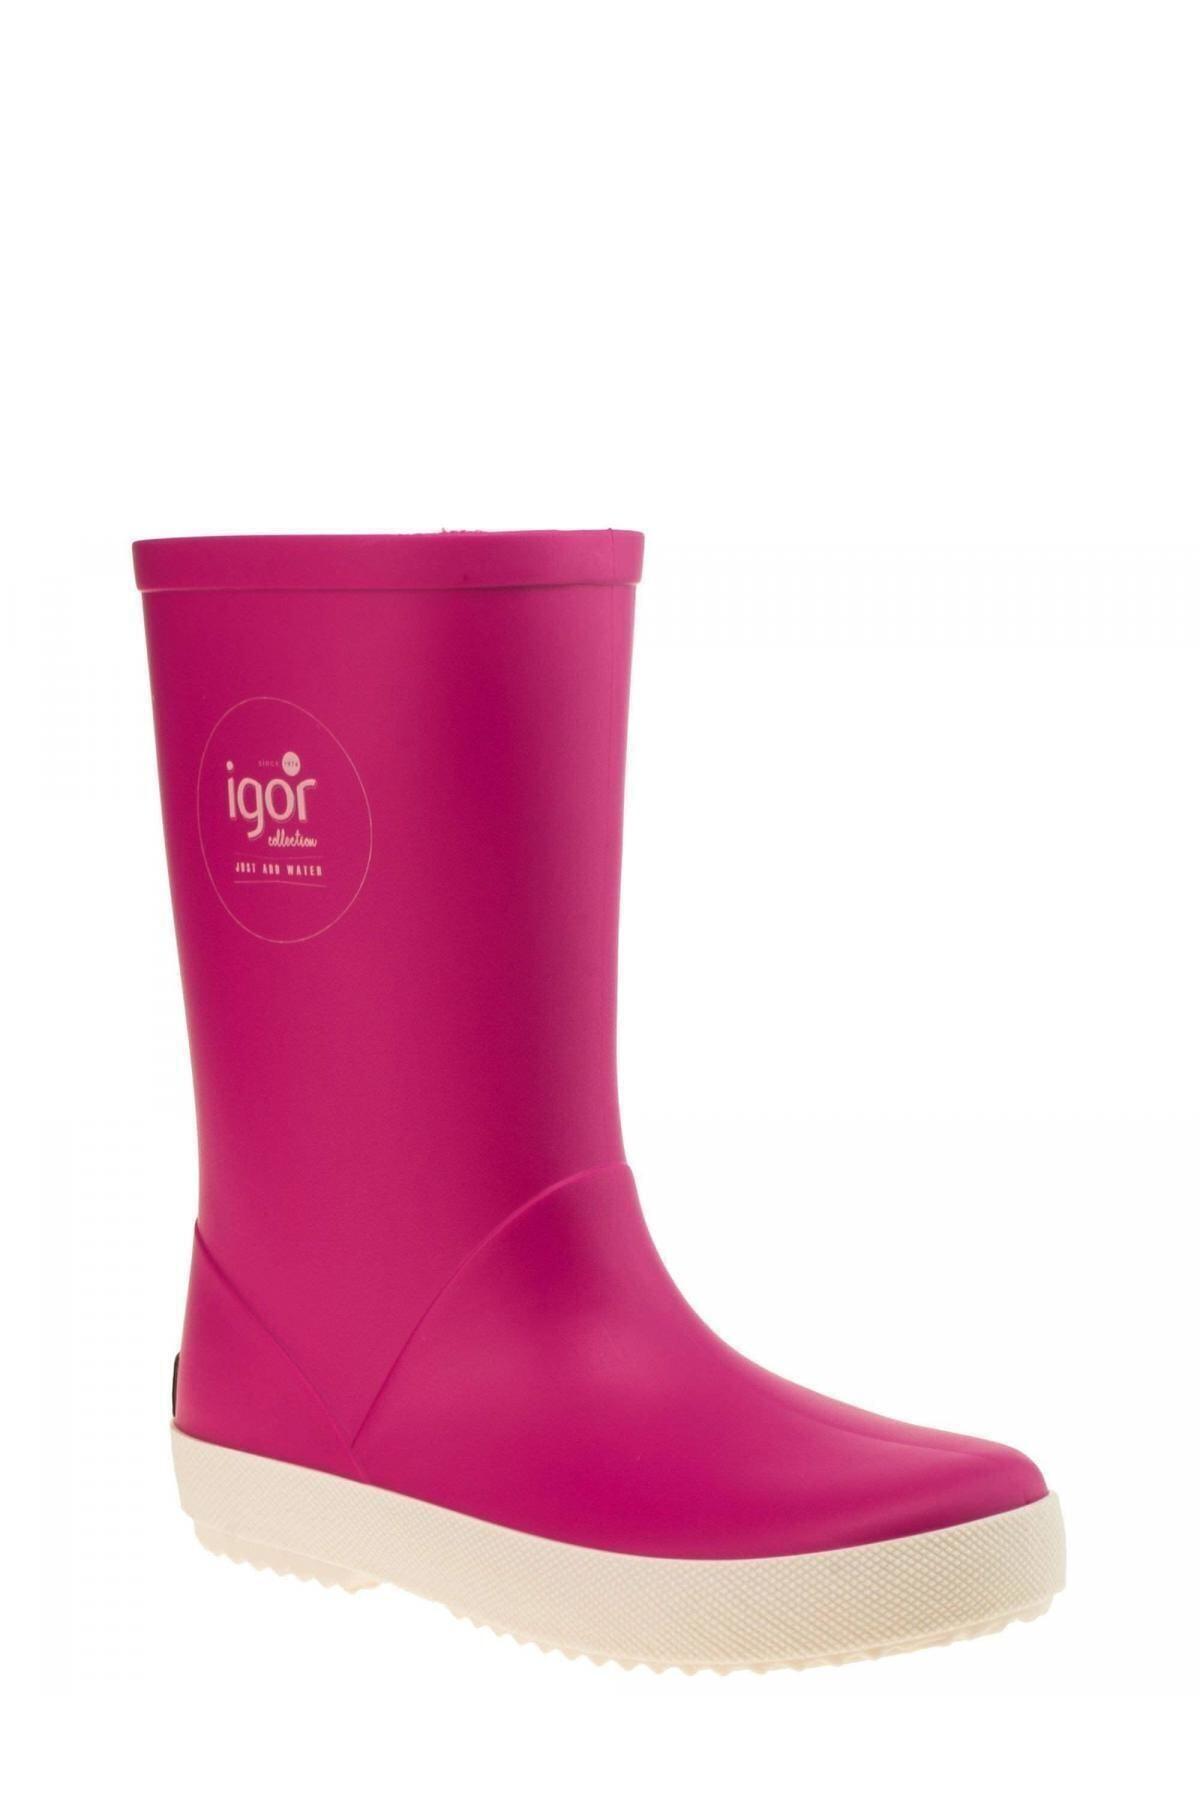 IGOR Splash Nautico Çocuk Yağmur Çizmesi 1